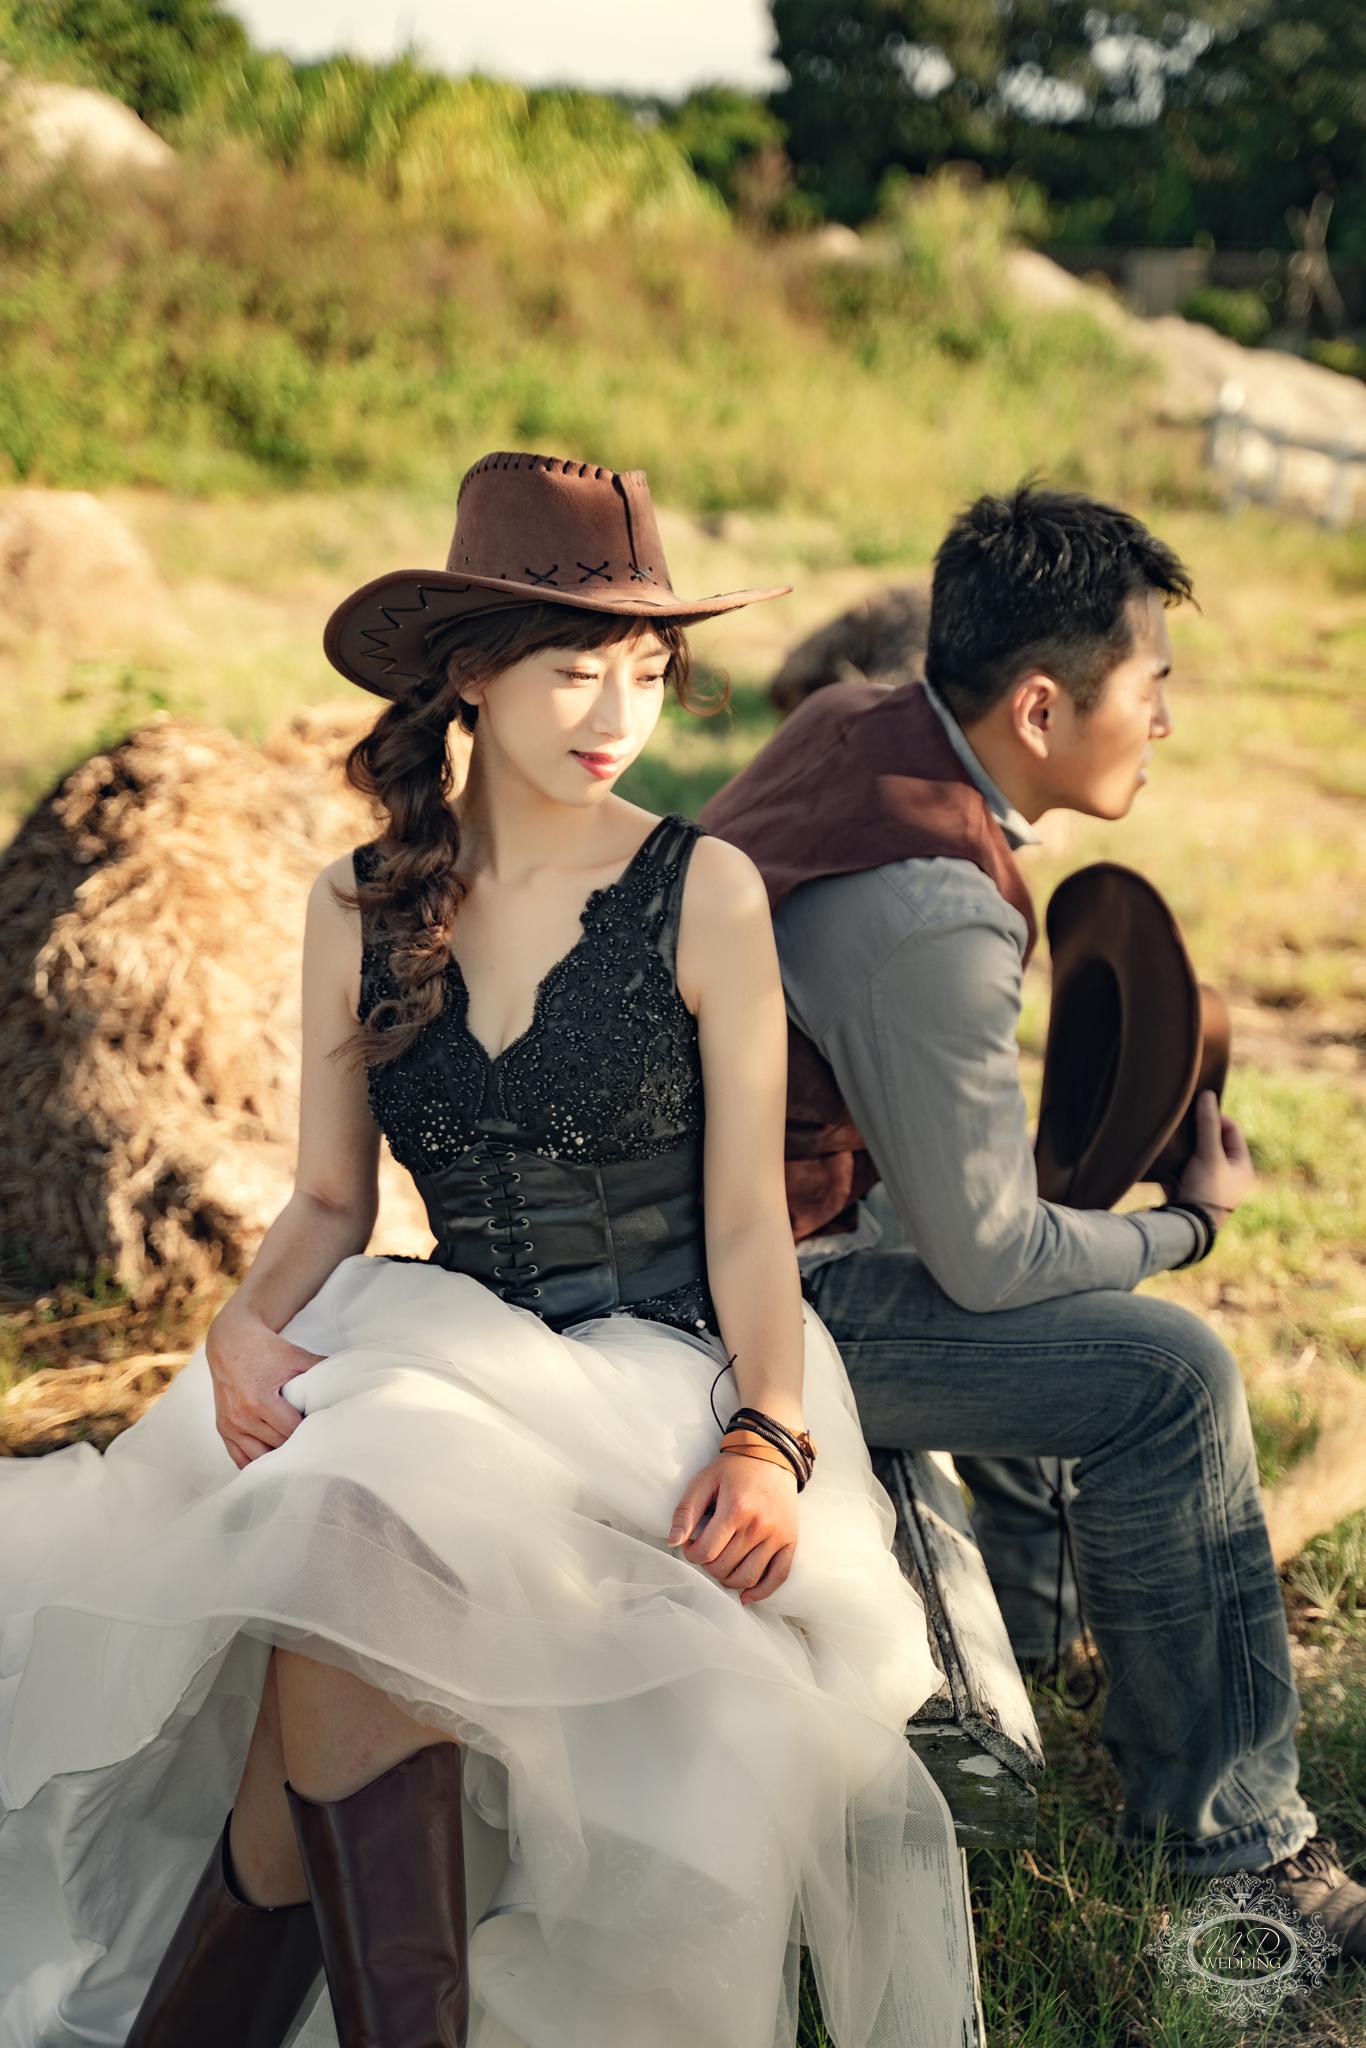 牛仔婚紗 淡水莊園婚紗基地 浪漫風格 逆光婚紗 唯美風 台北婚紗推薦 韓系小清新婚紗